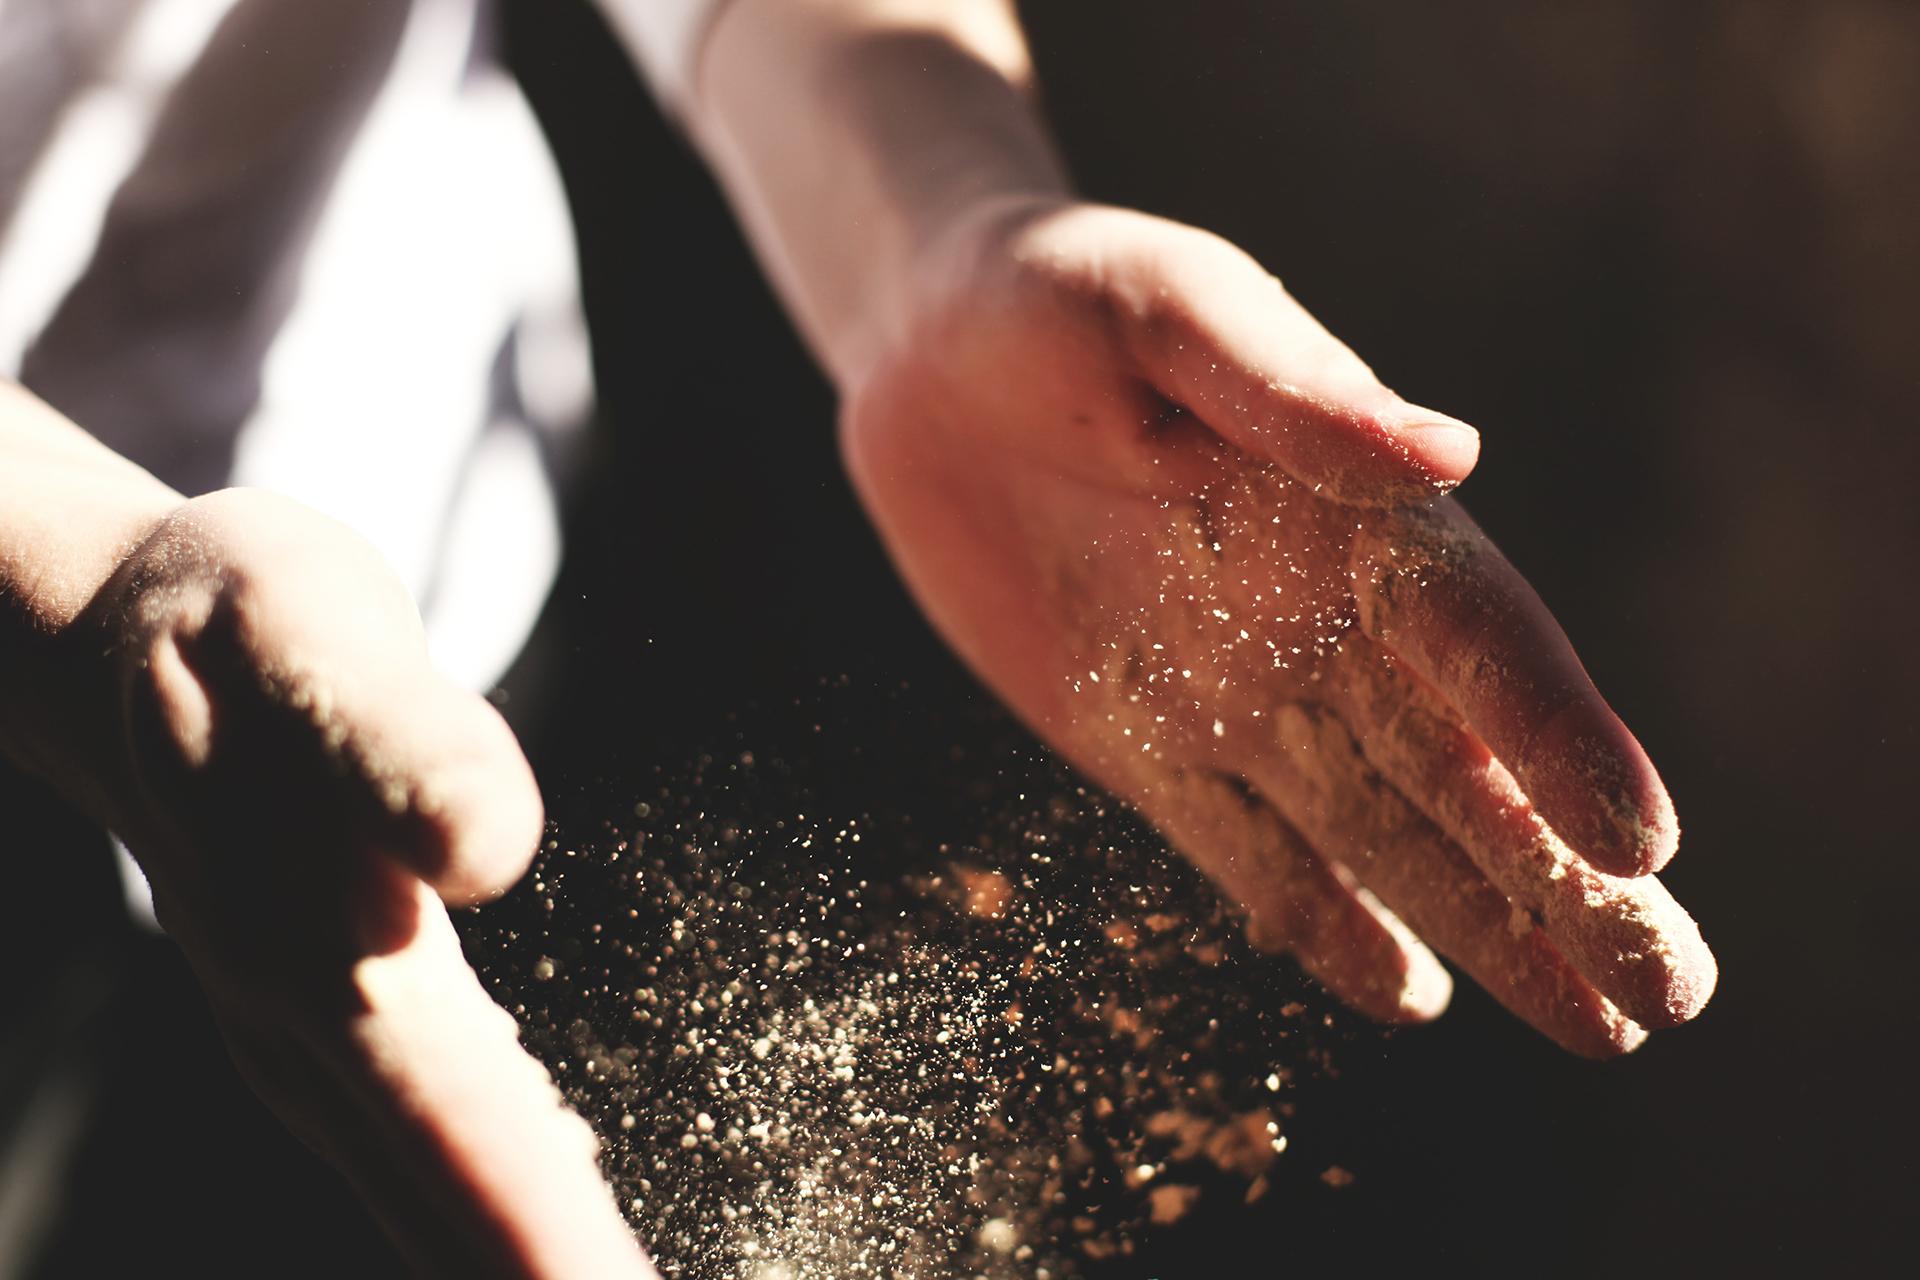 Alimentos biológicos apoiam uma economia justa